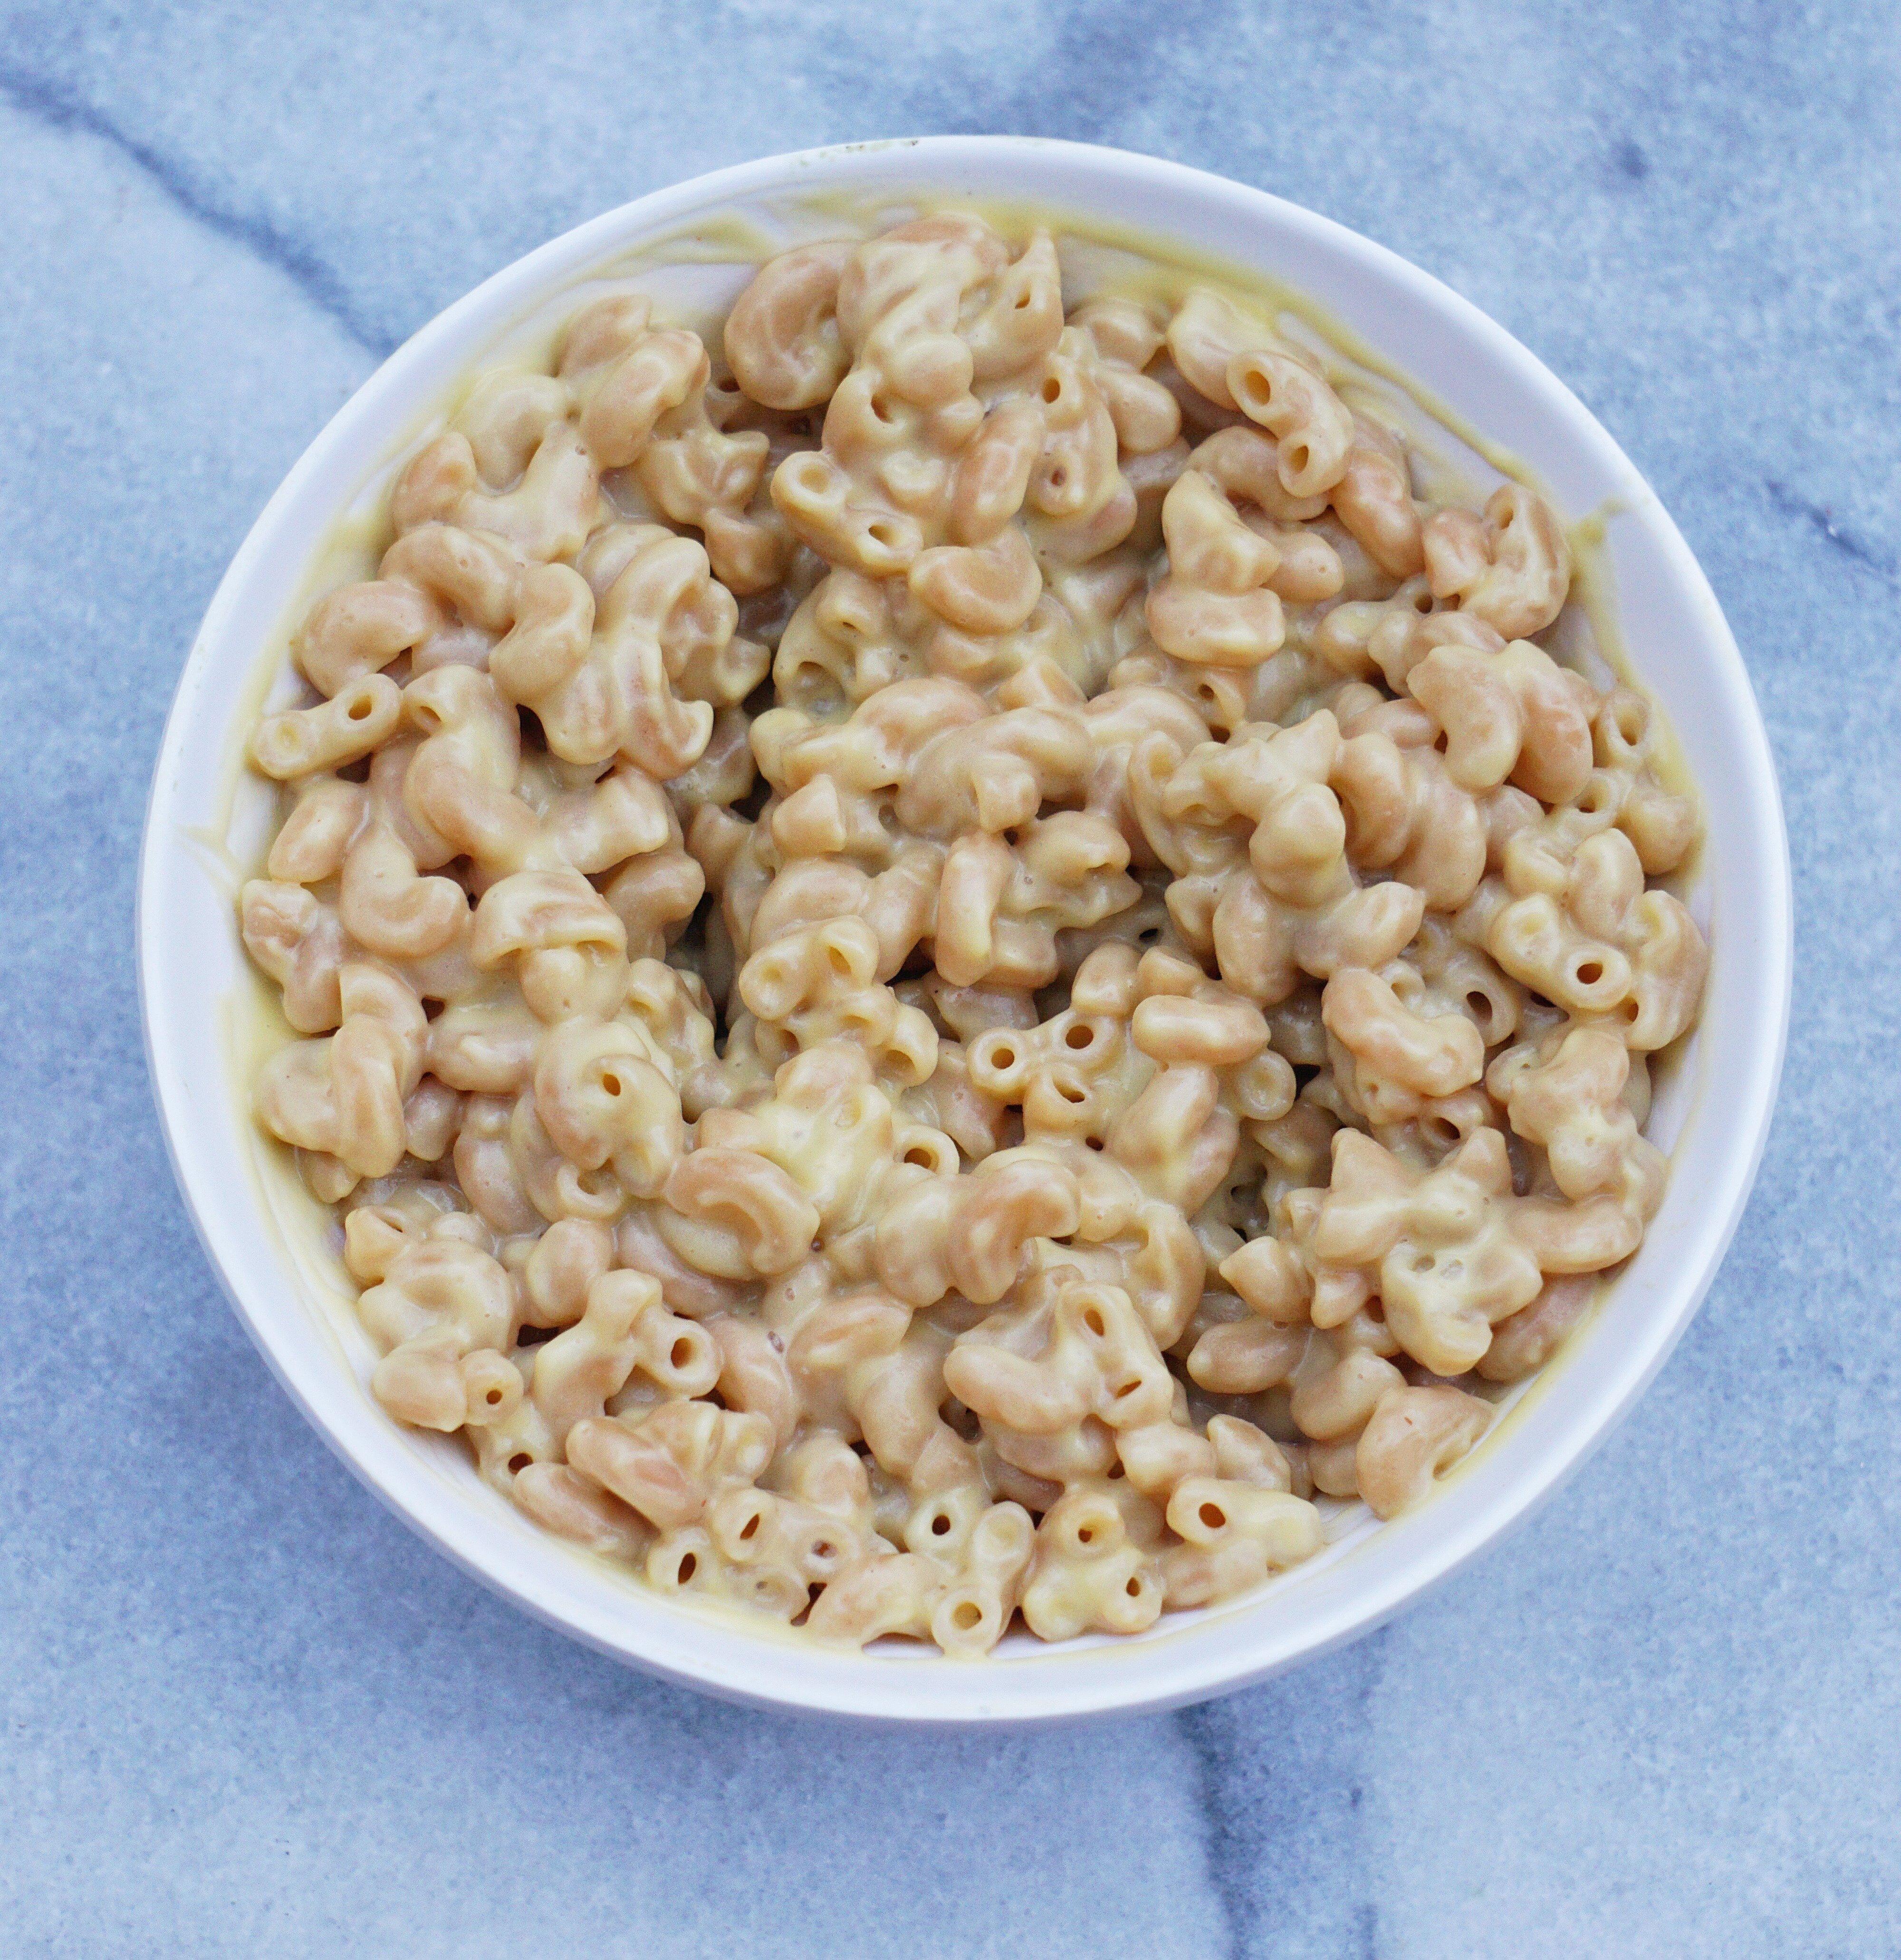 Vegan Mac n Cheese Leahs Plate3 - Vegan & Gluten-Free Mac N' Cheese